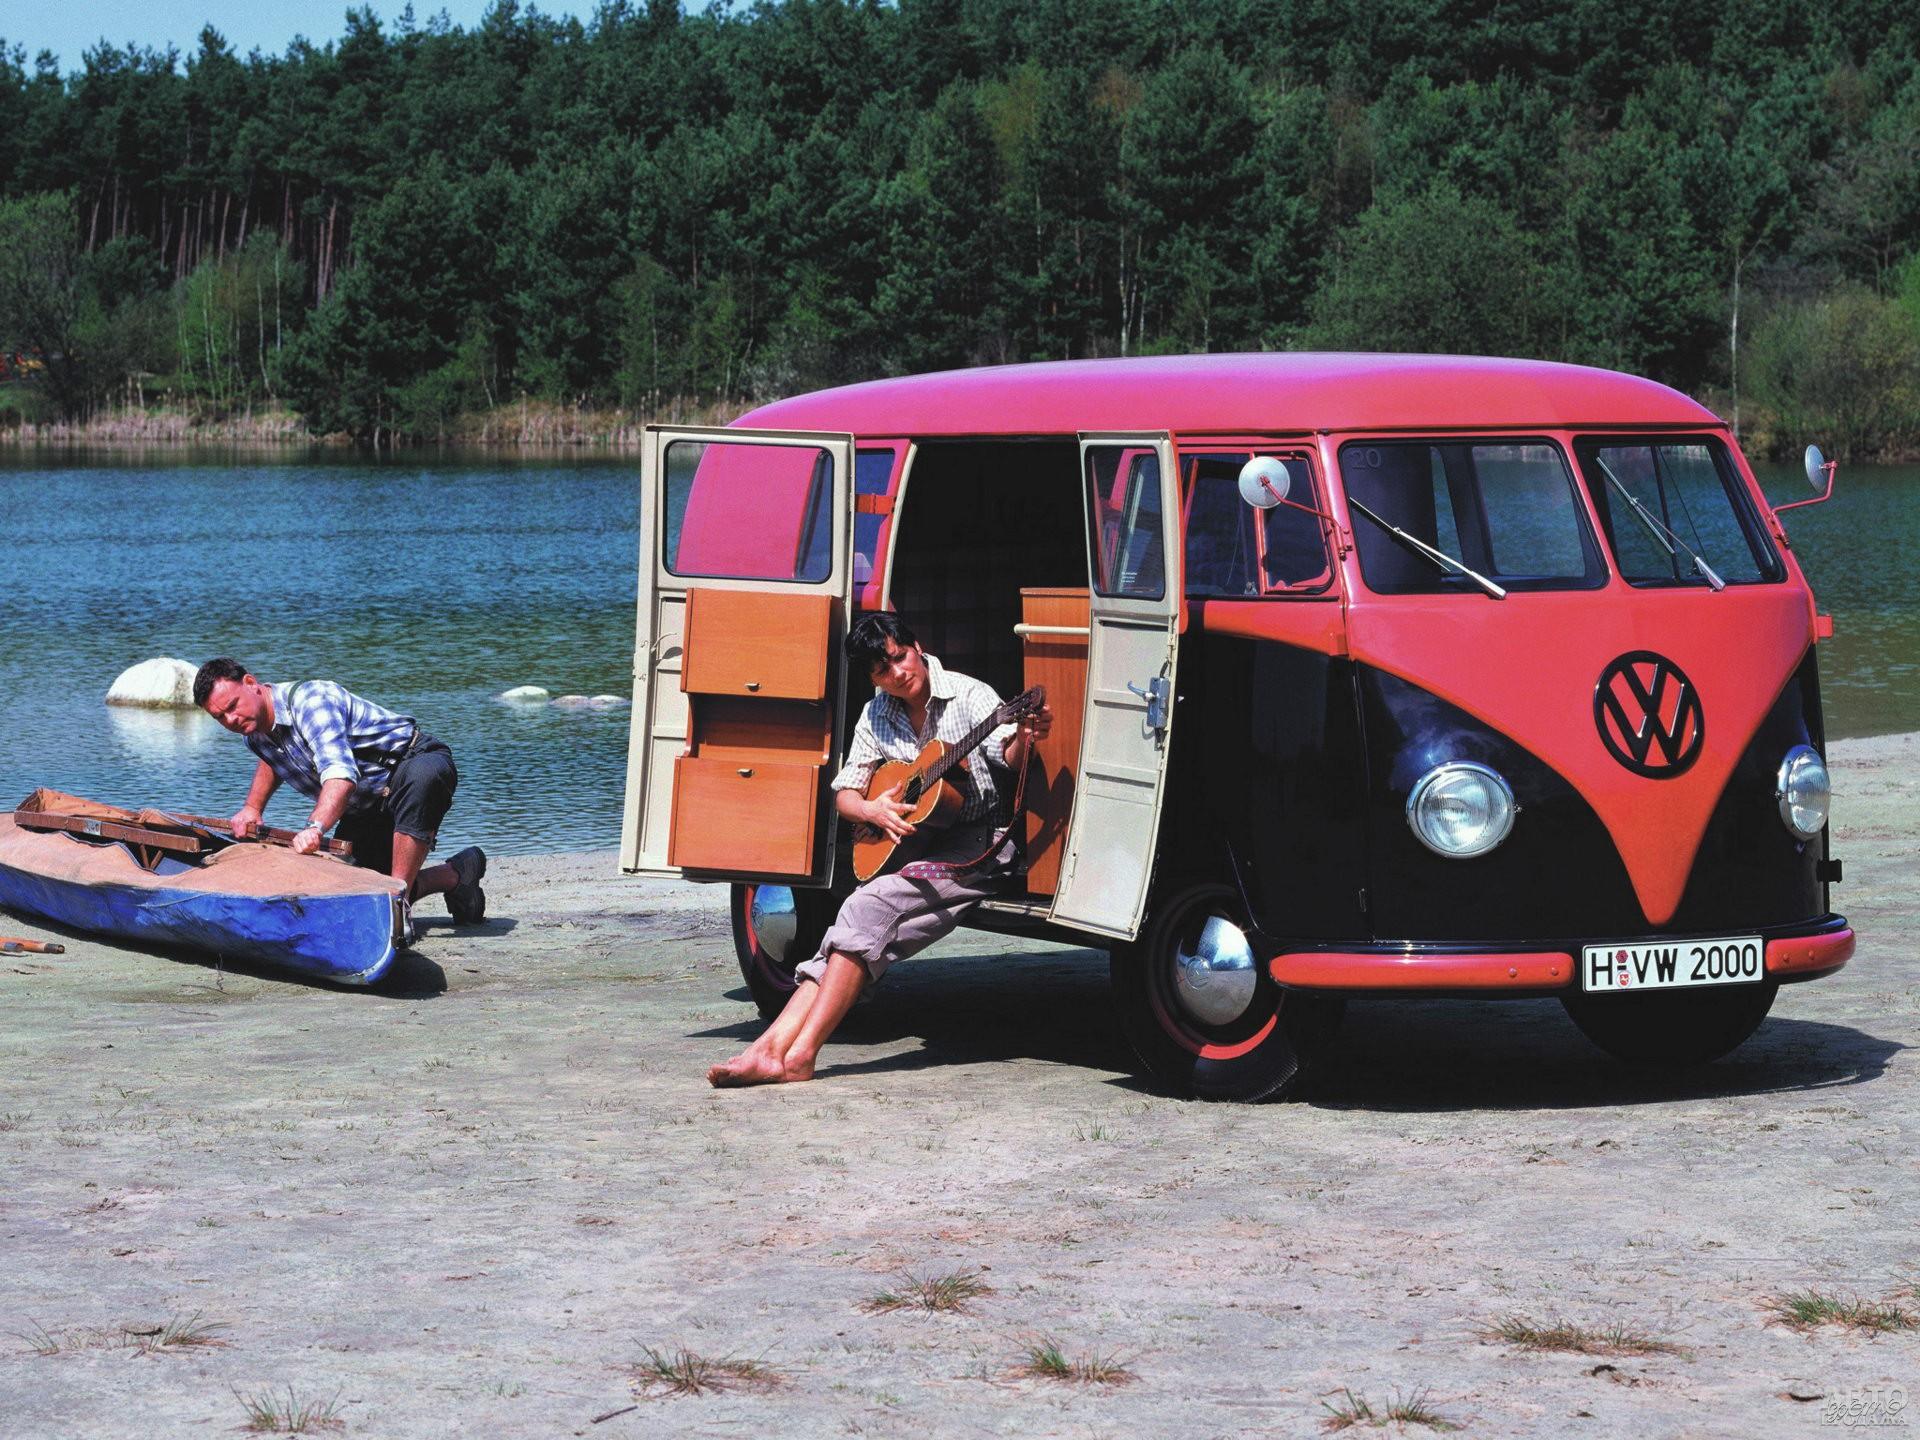 Т1 стал культовым транспортным средством у молодежи